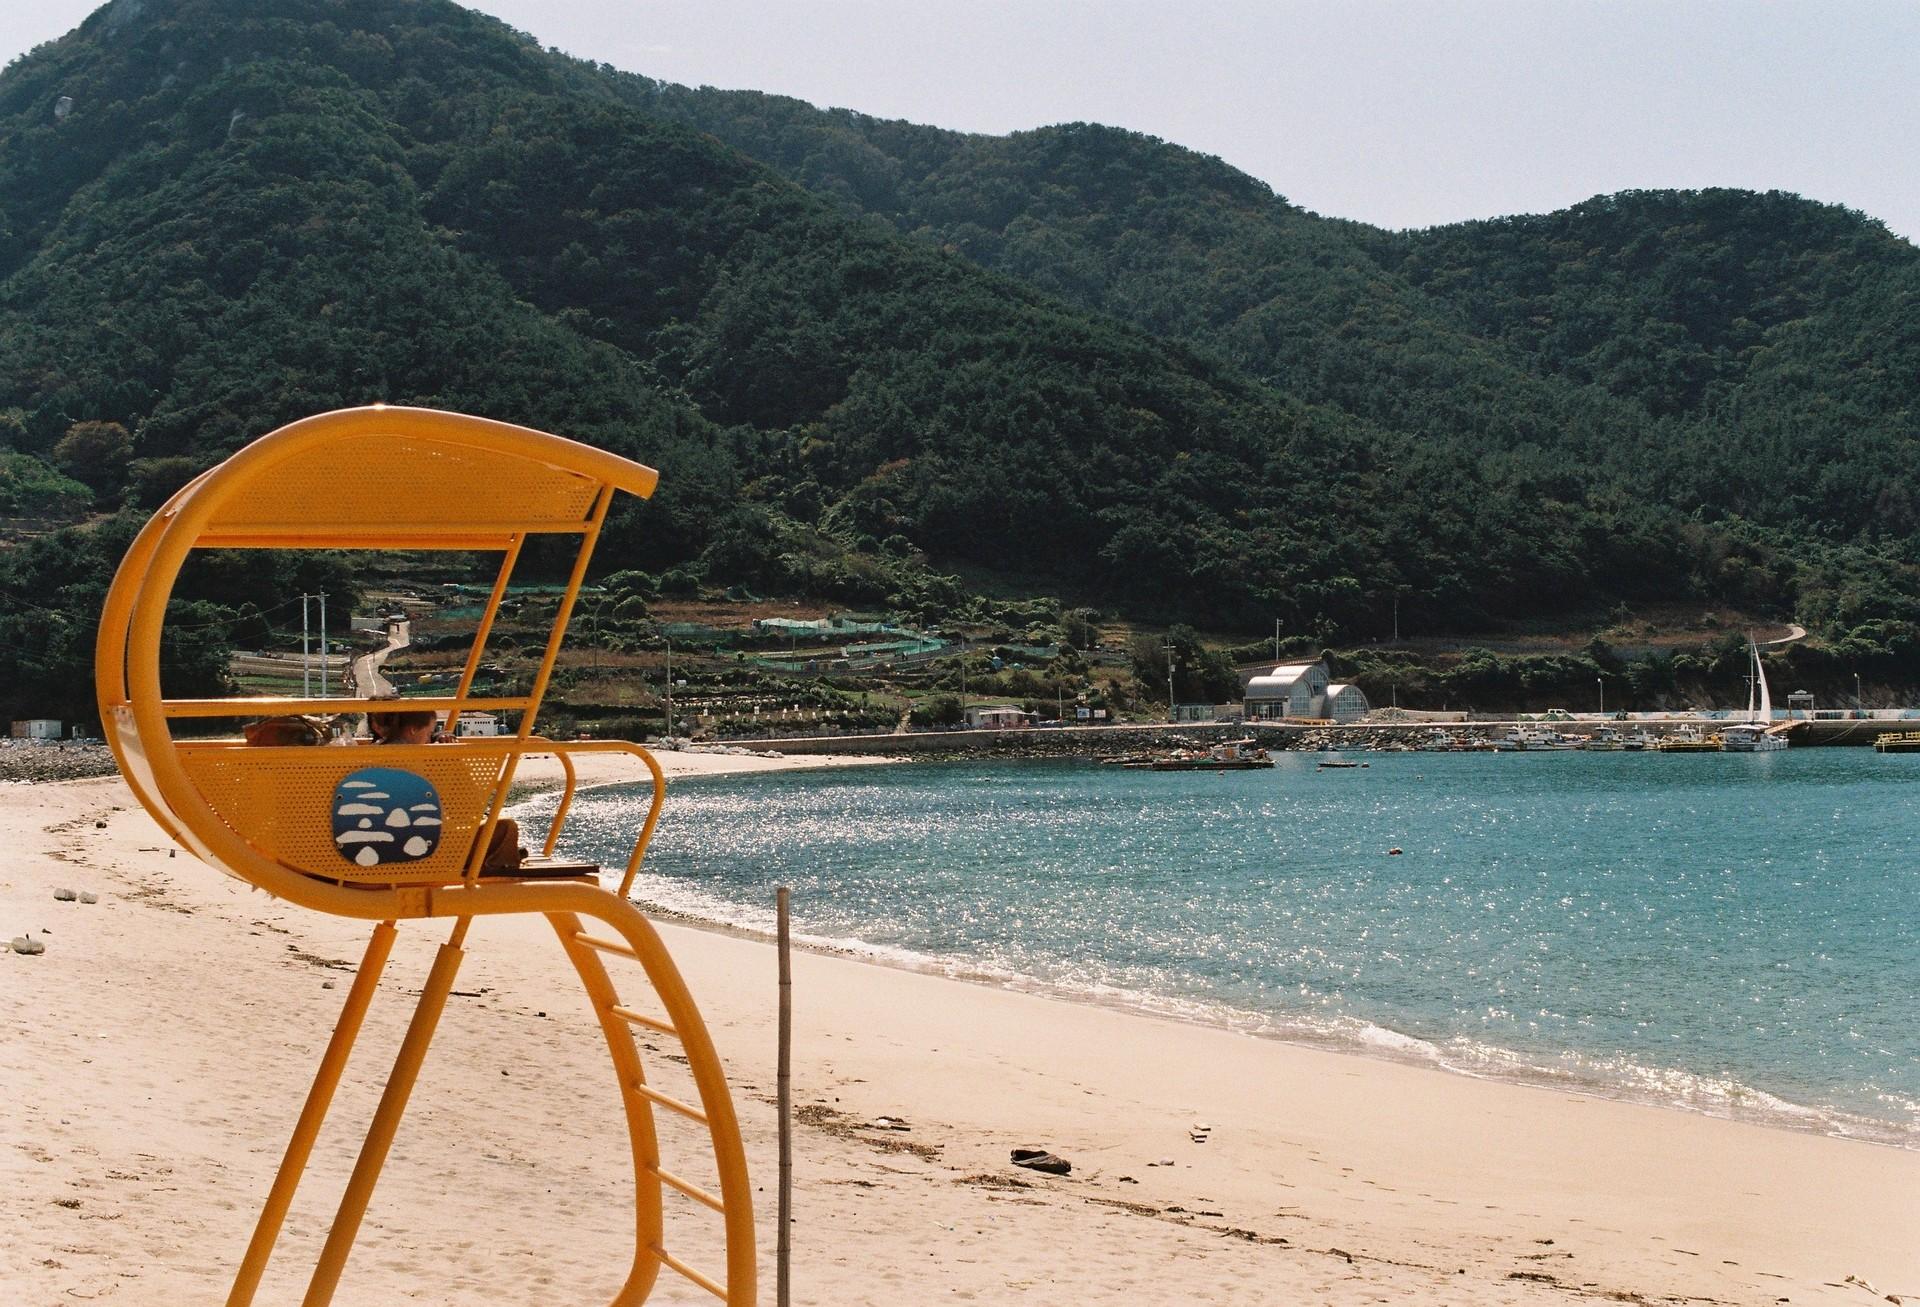 #3. 항구 앞에서 출발해서 안쪽으로 걸어 들어갈수록 희고 깨끗한 모래가 나온다. 우연히 만난 외국인 여행자와 사진을 찍었는데, 사진을 본 누구도 이곳이 한국이라고 생각하지 않았을 정도로 이국적인 풍경.